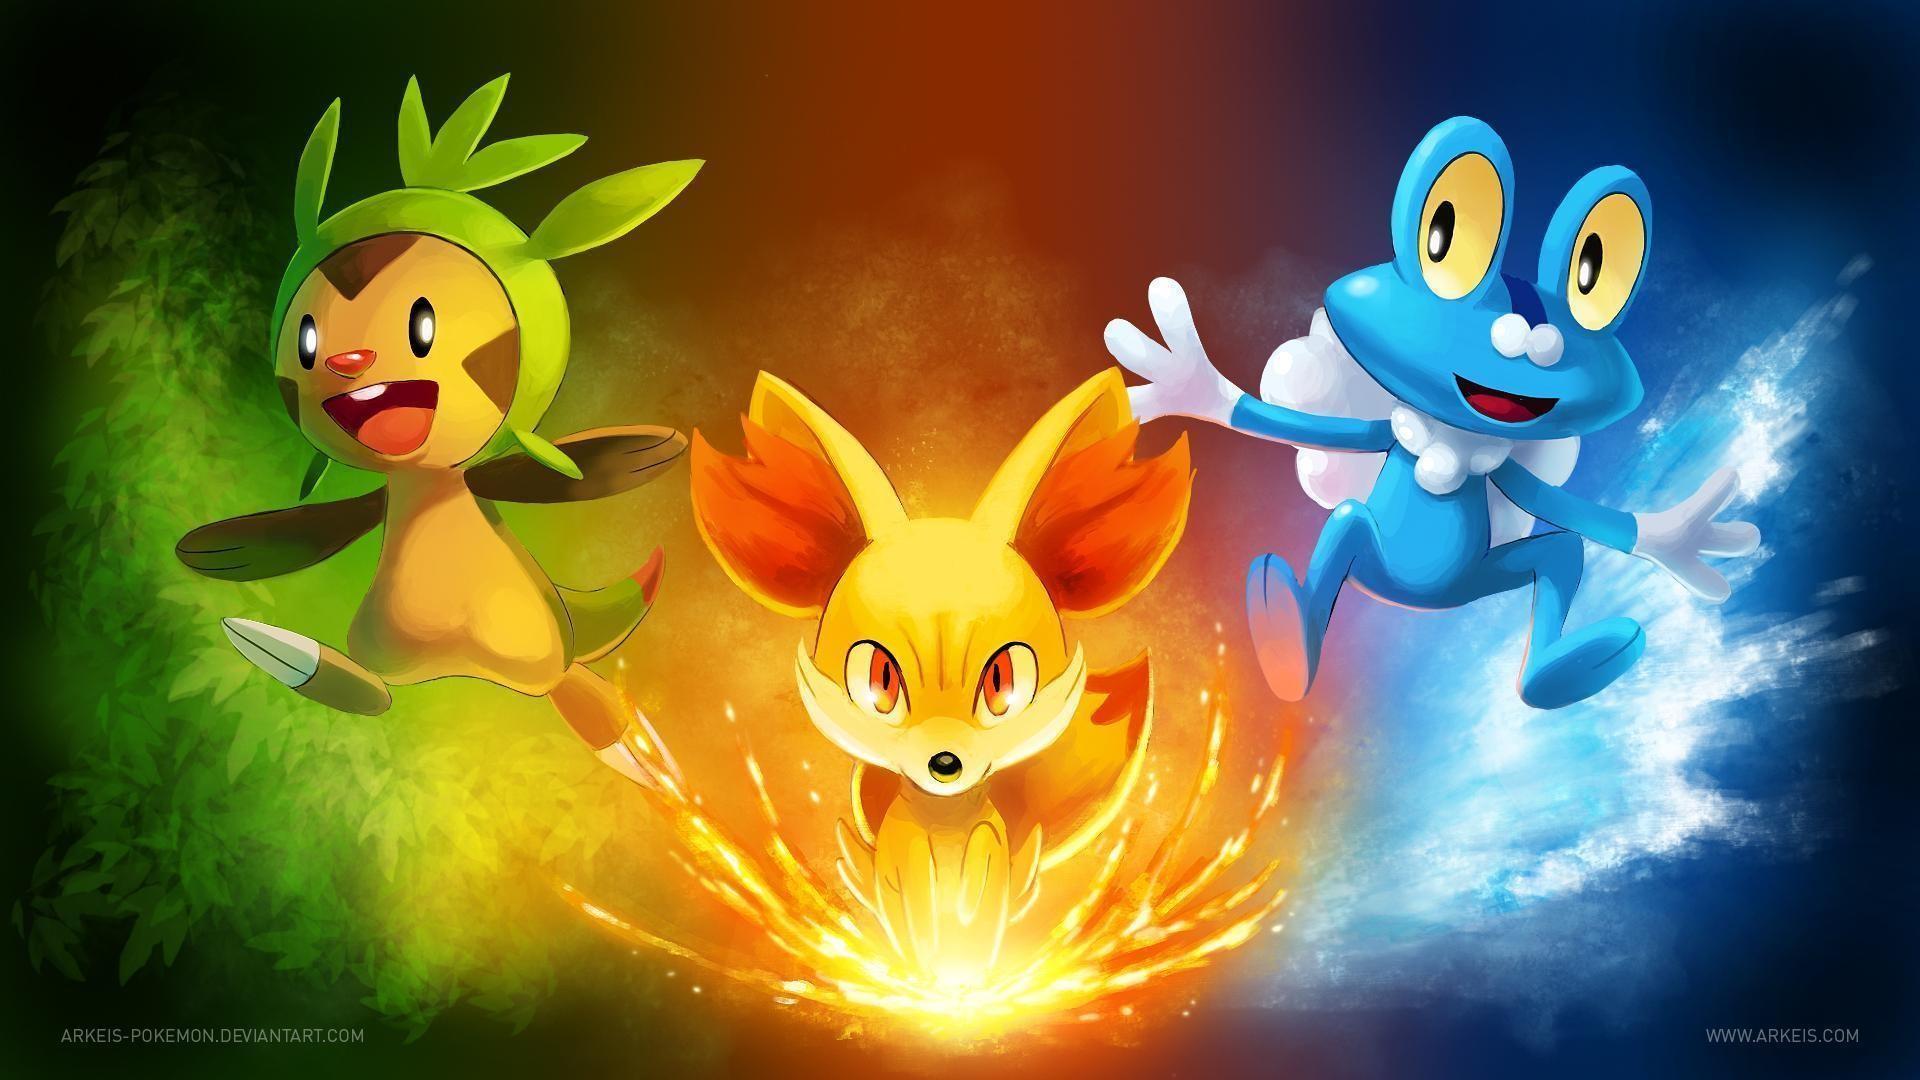 Pokemon X and Y HD Desktop Wallpaper 1080p hd wallpaper#1511